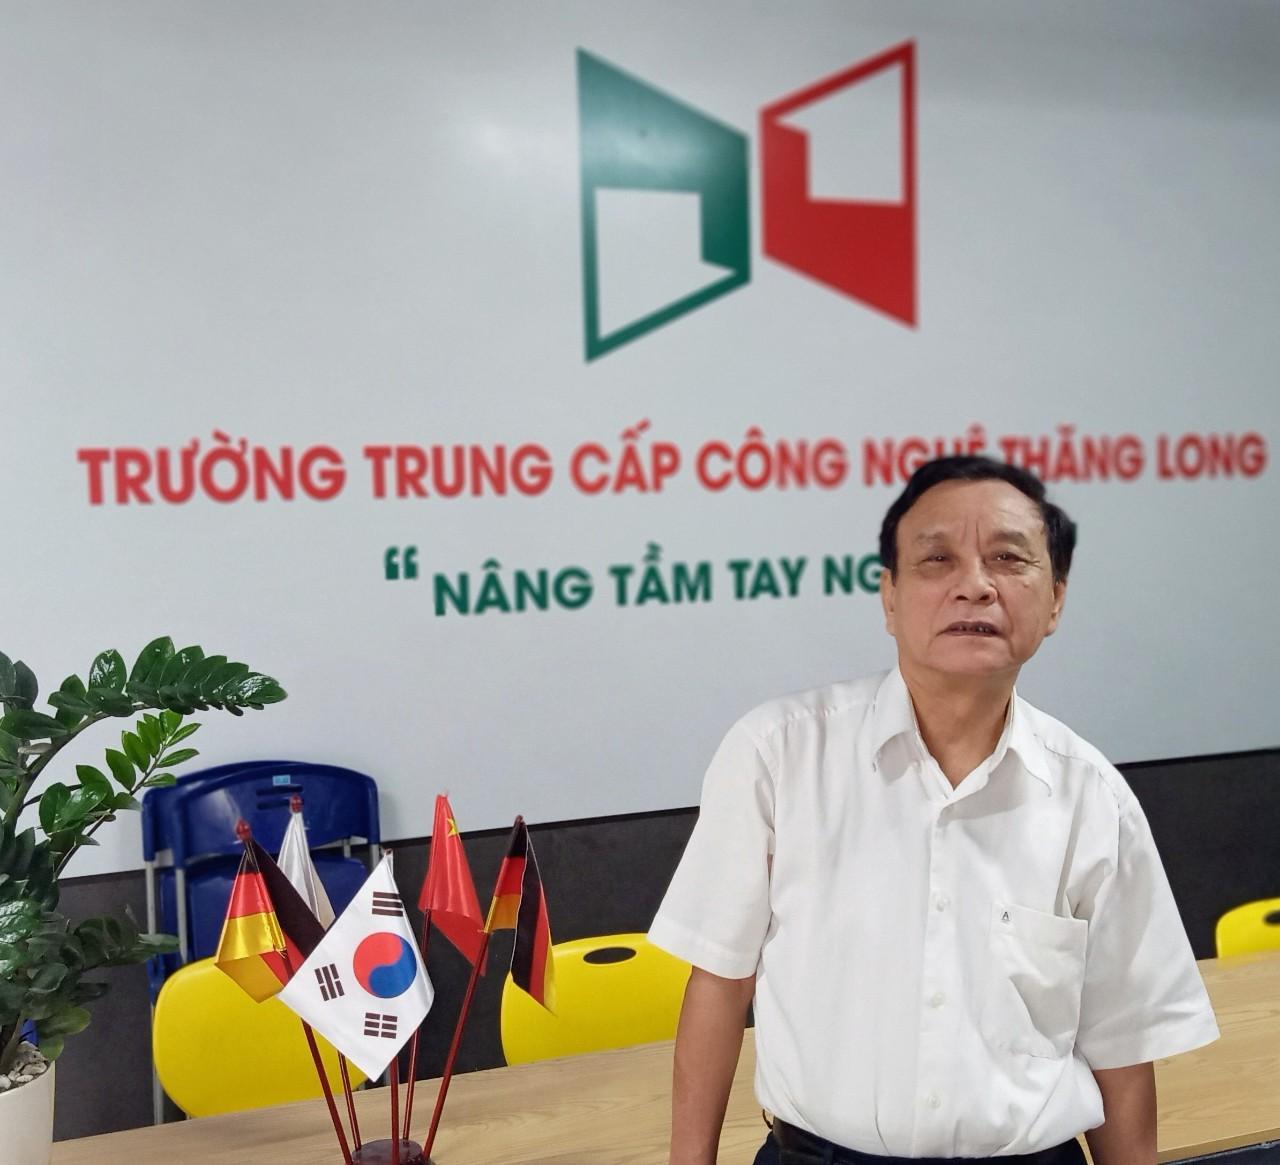 PGS.TS Nhà giáo nhân dân Lê Đình Trung - Chủ tịch hội đồng Trường Trung cấp công nghệ Thăng Long